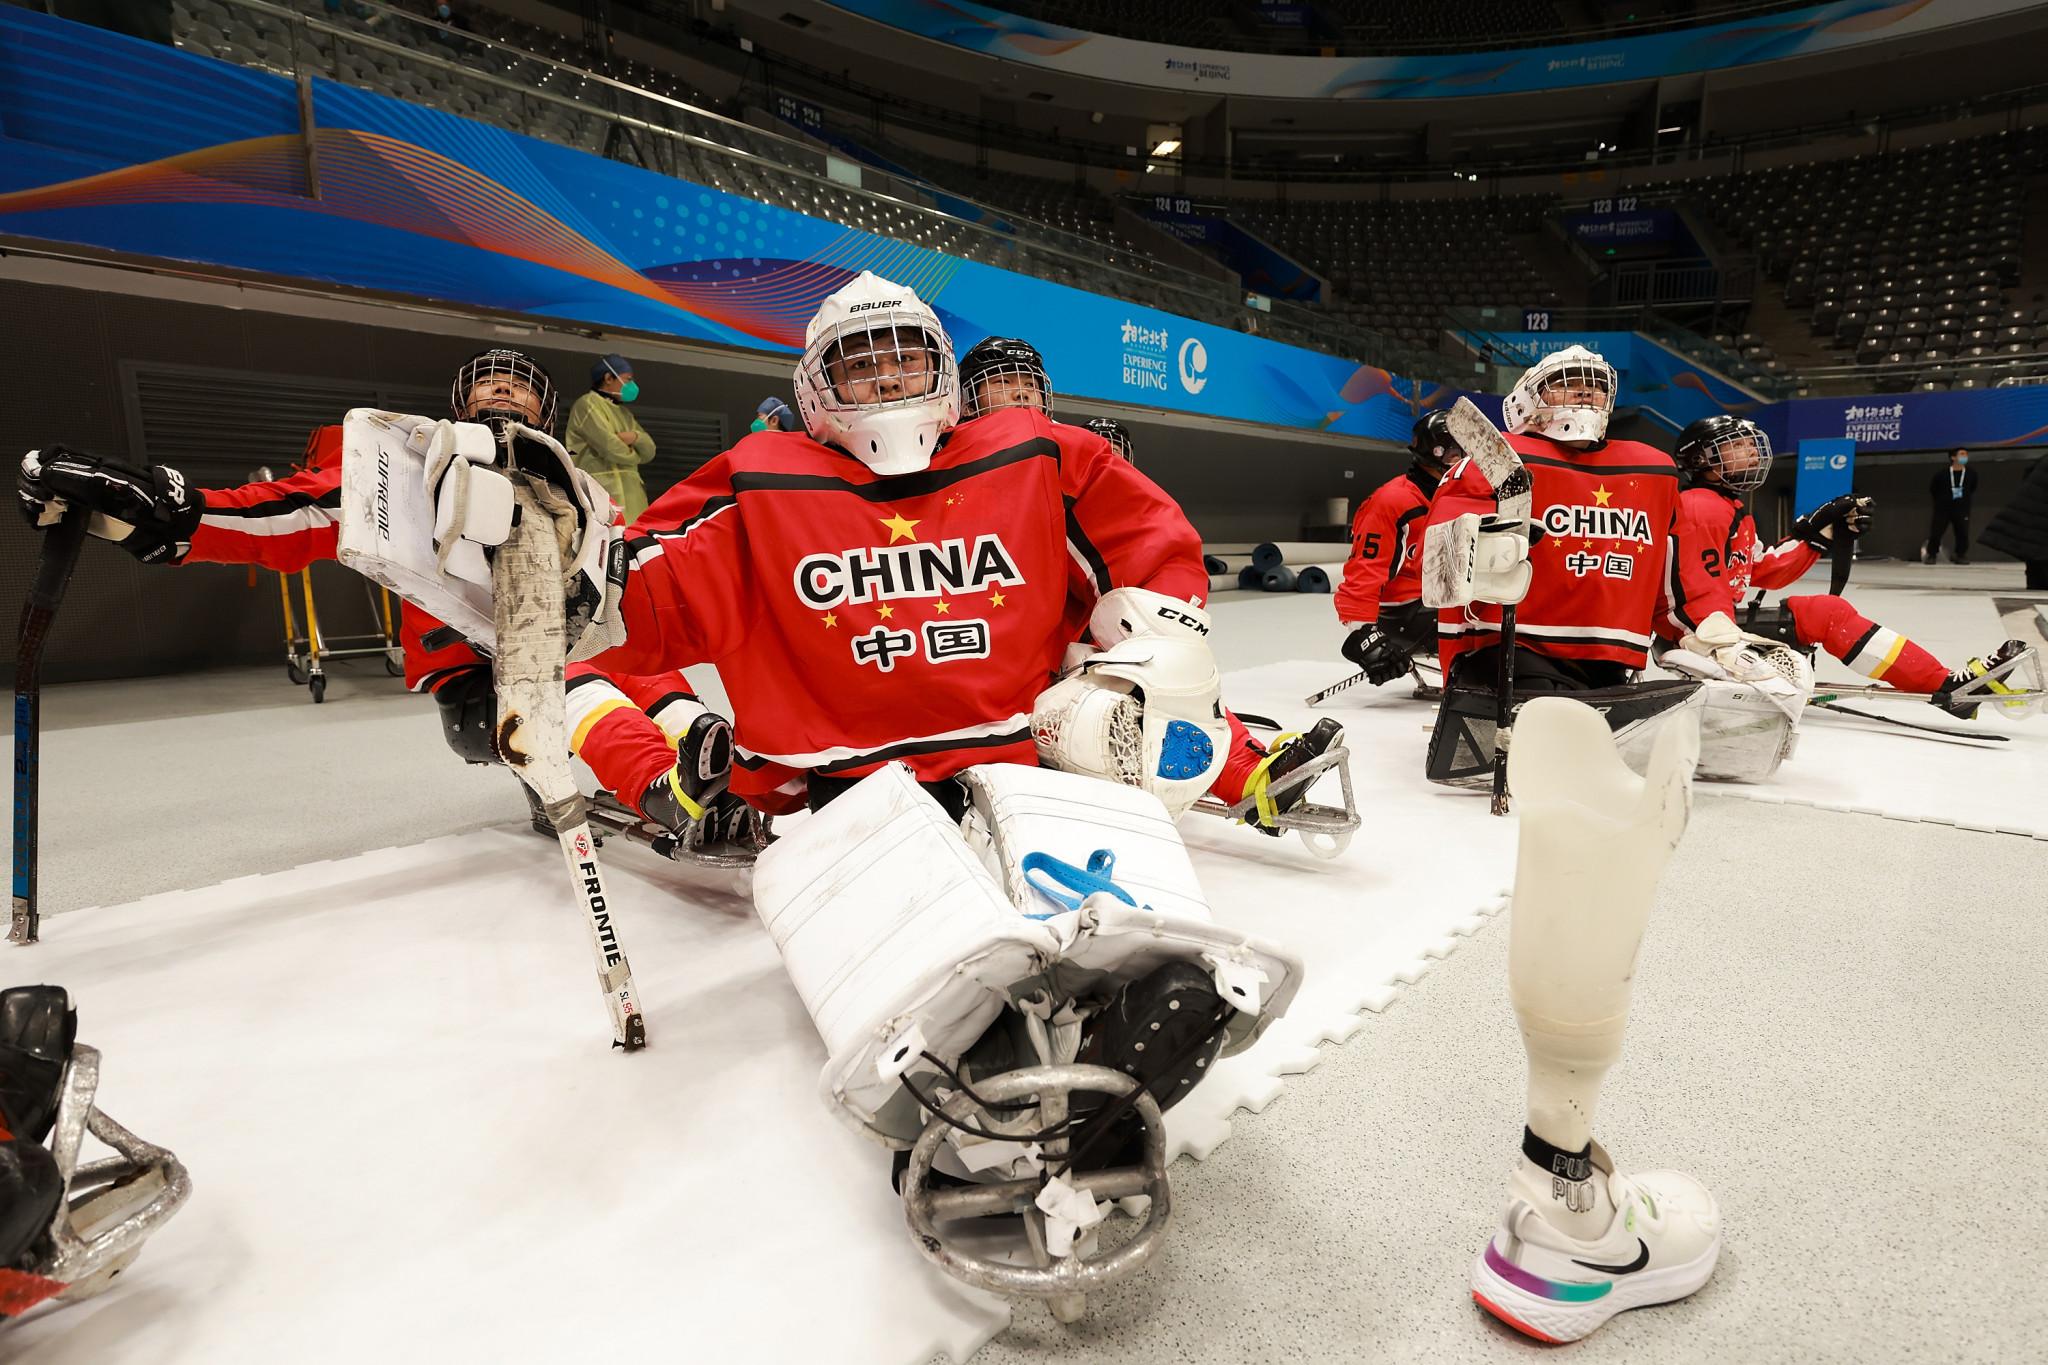 Östersund will host World Para Ice Hockey Championships B-Pool in September